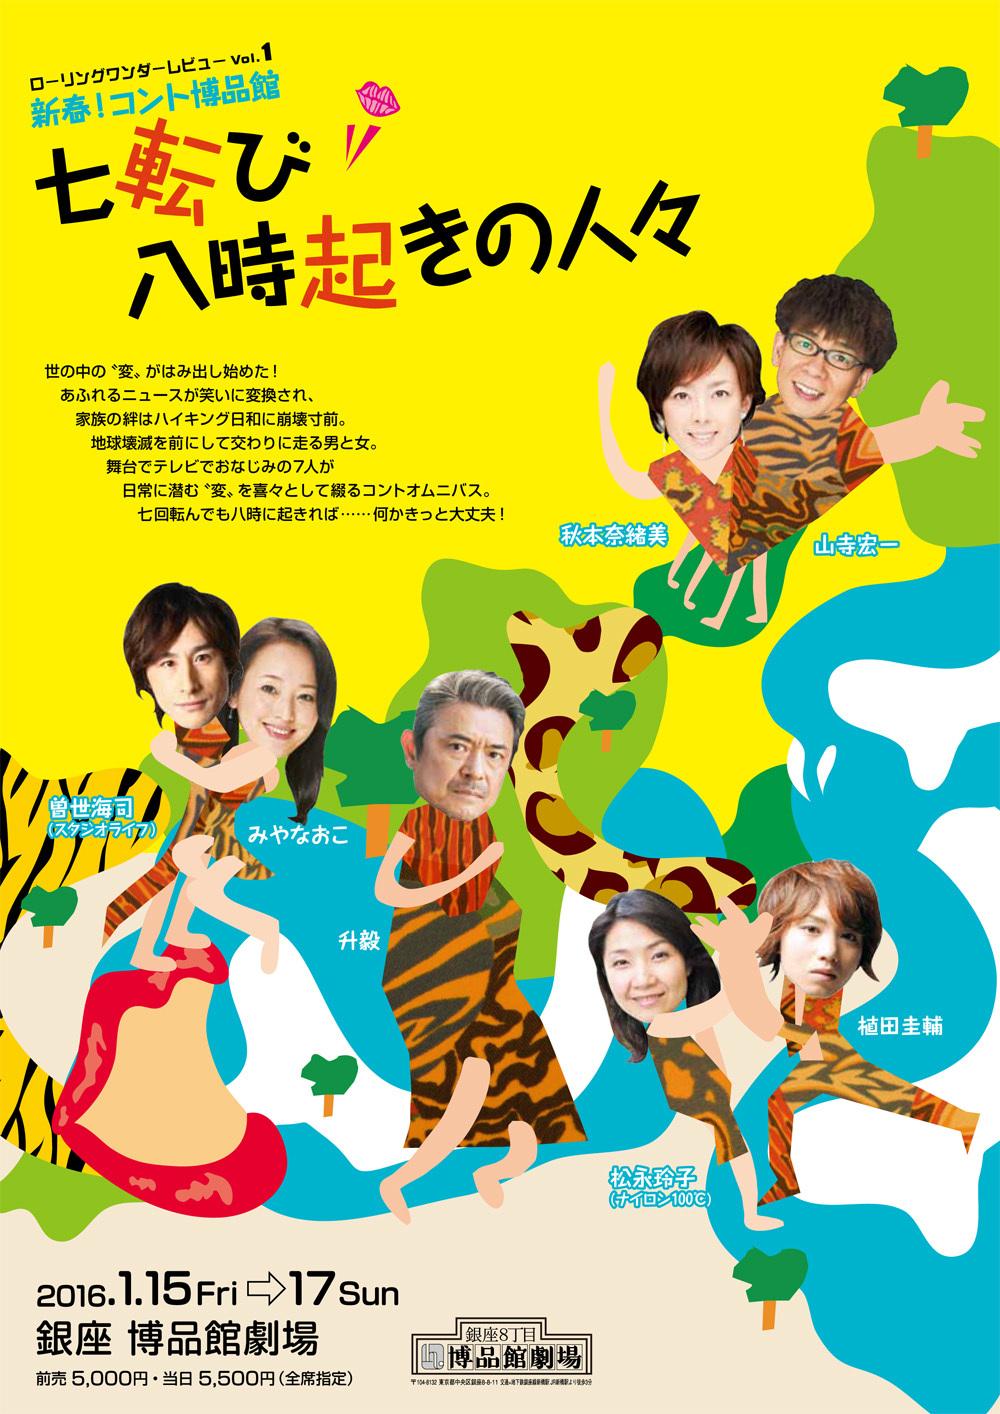 ローリングワンダーレビュー Vol.1 新春!コント博品館 七転び八時起きの人々